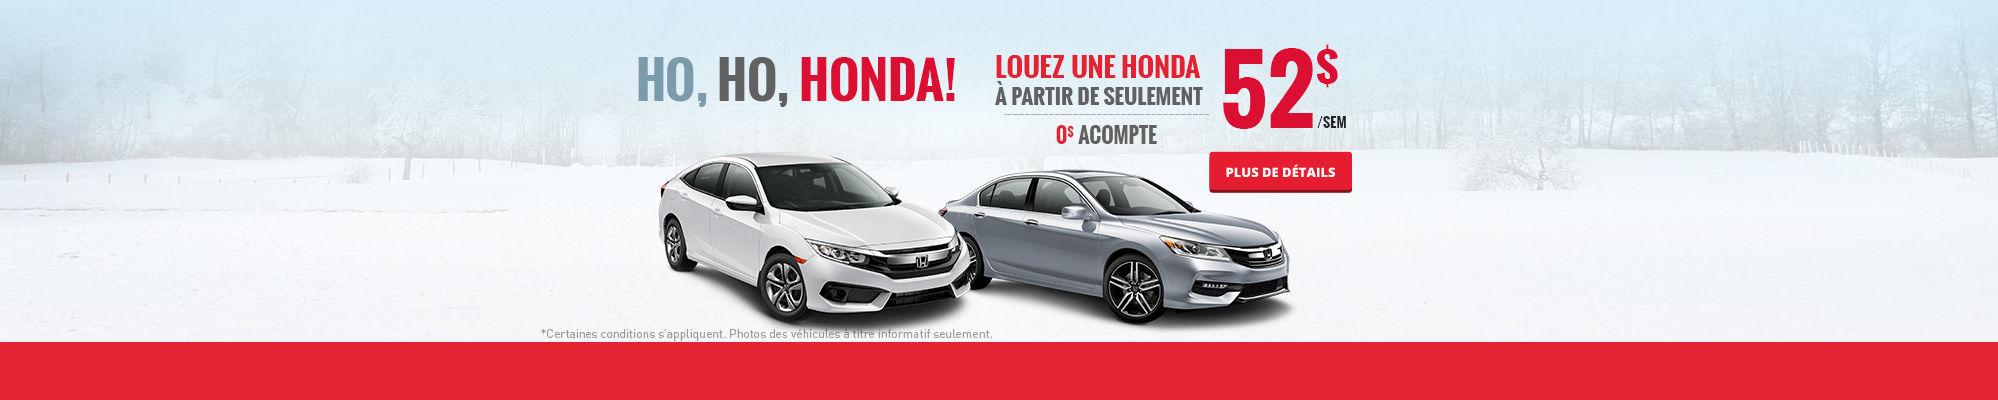 Ho, ho, Honda! - Novembre